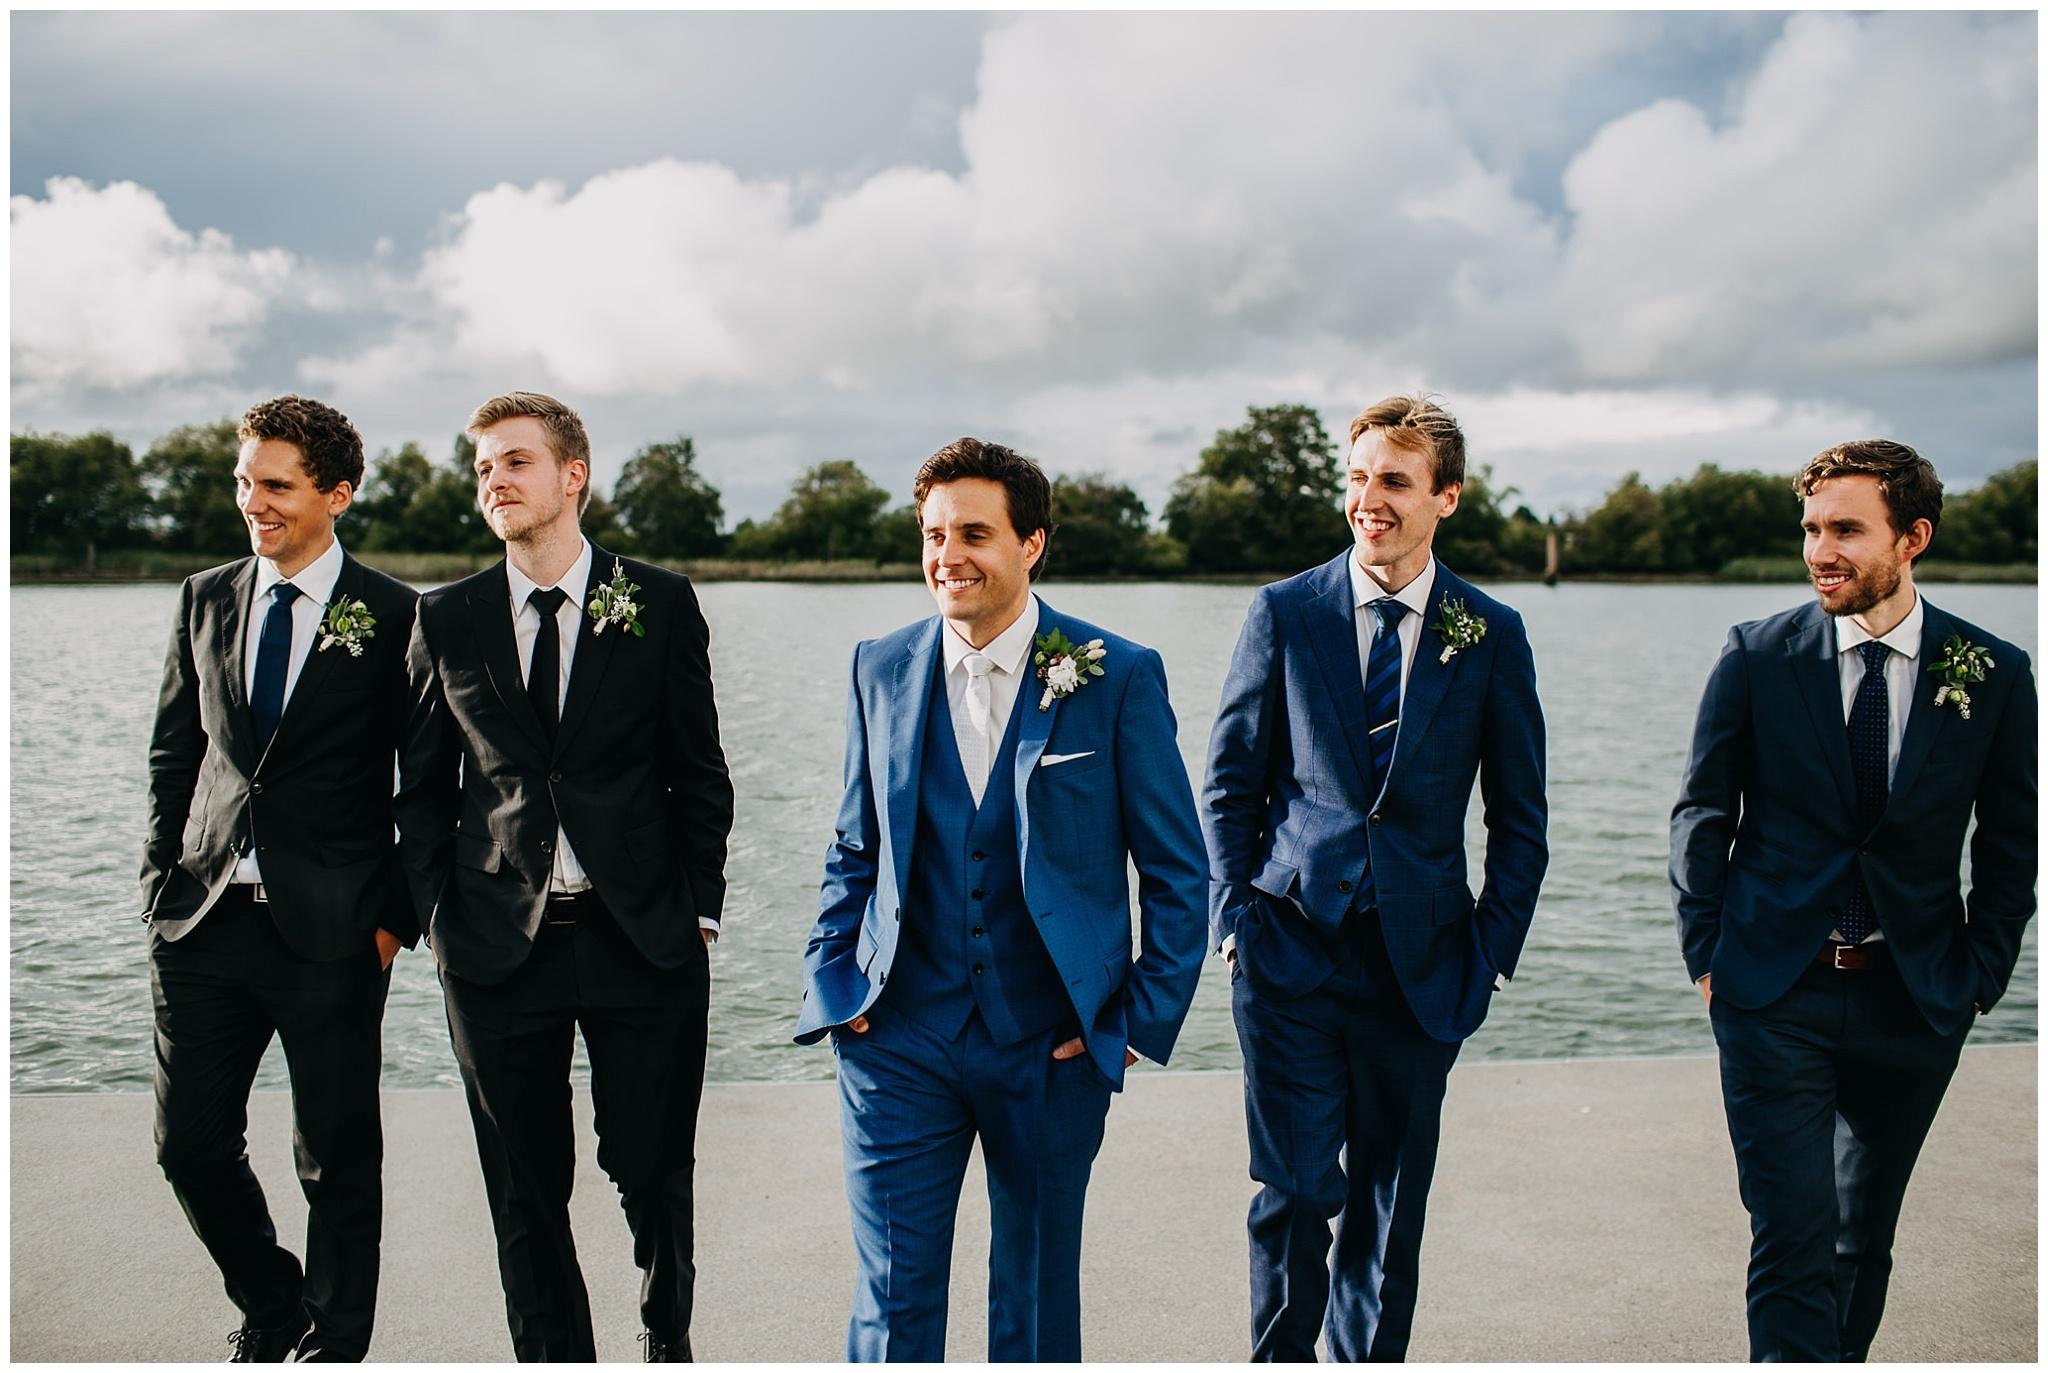 ubc-boathouse-wedding_0052.jpg